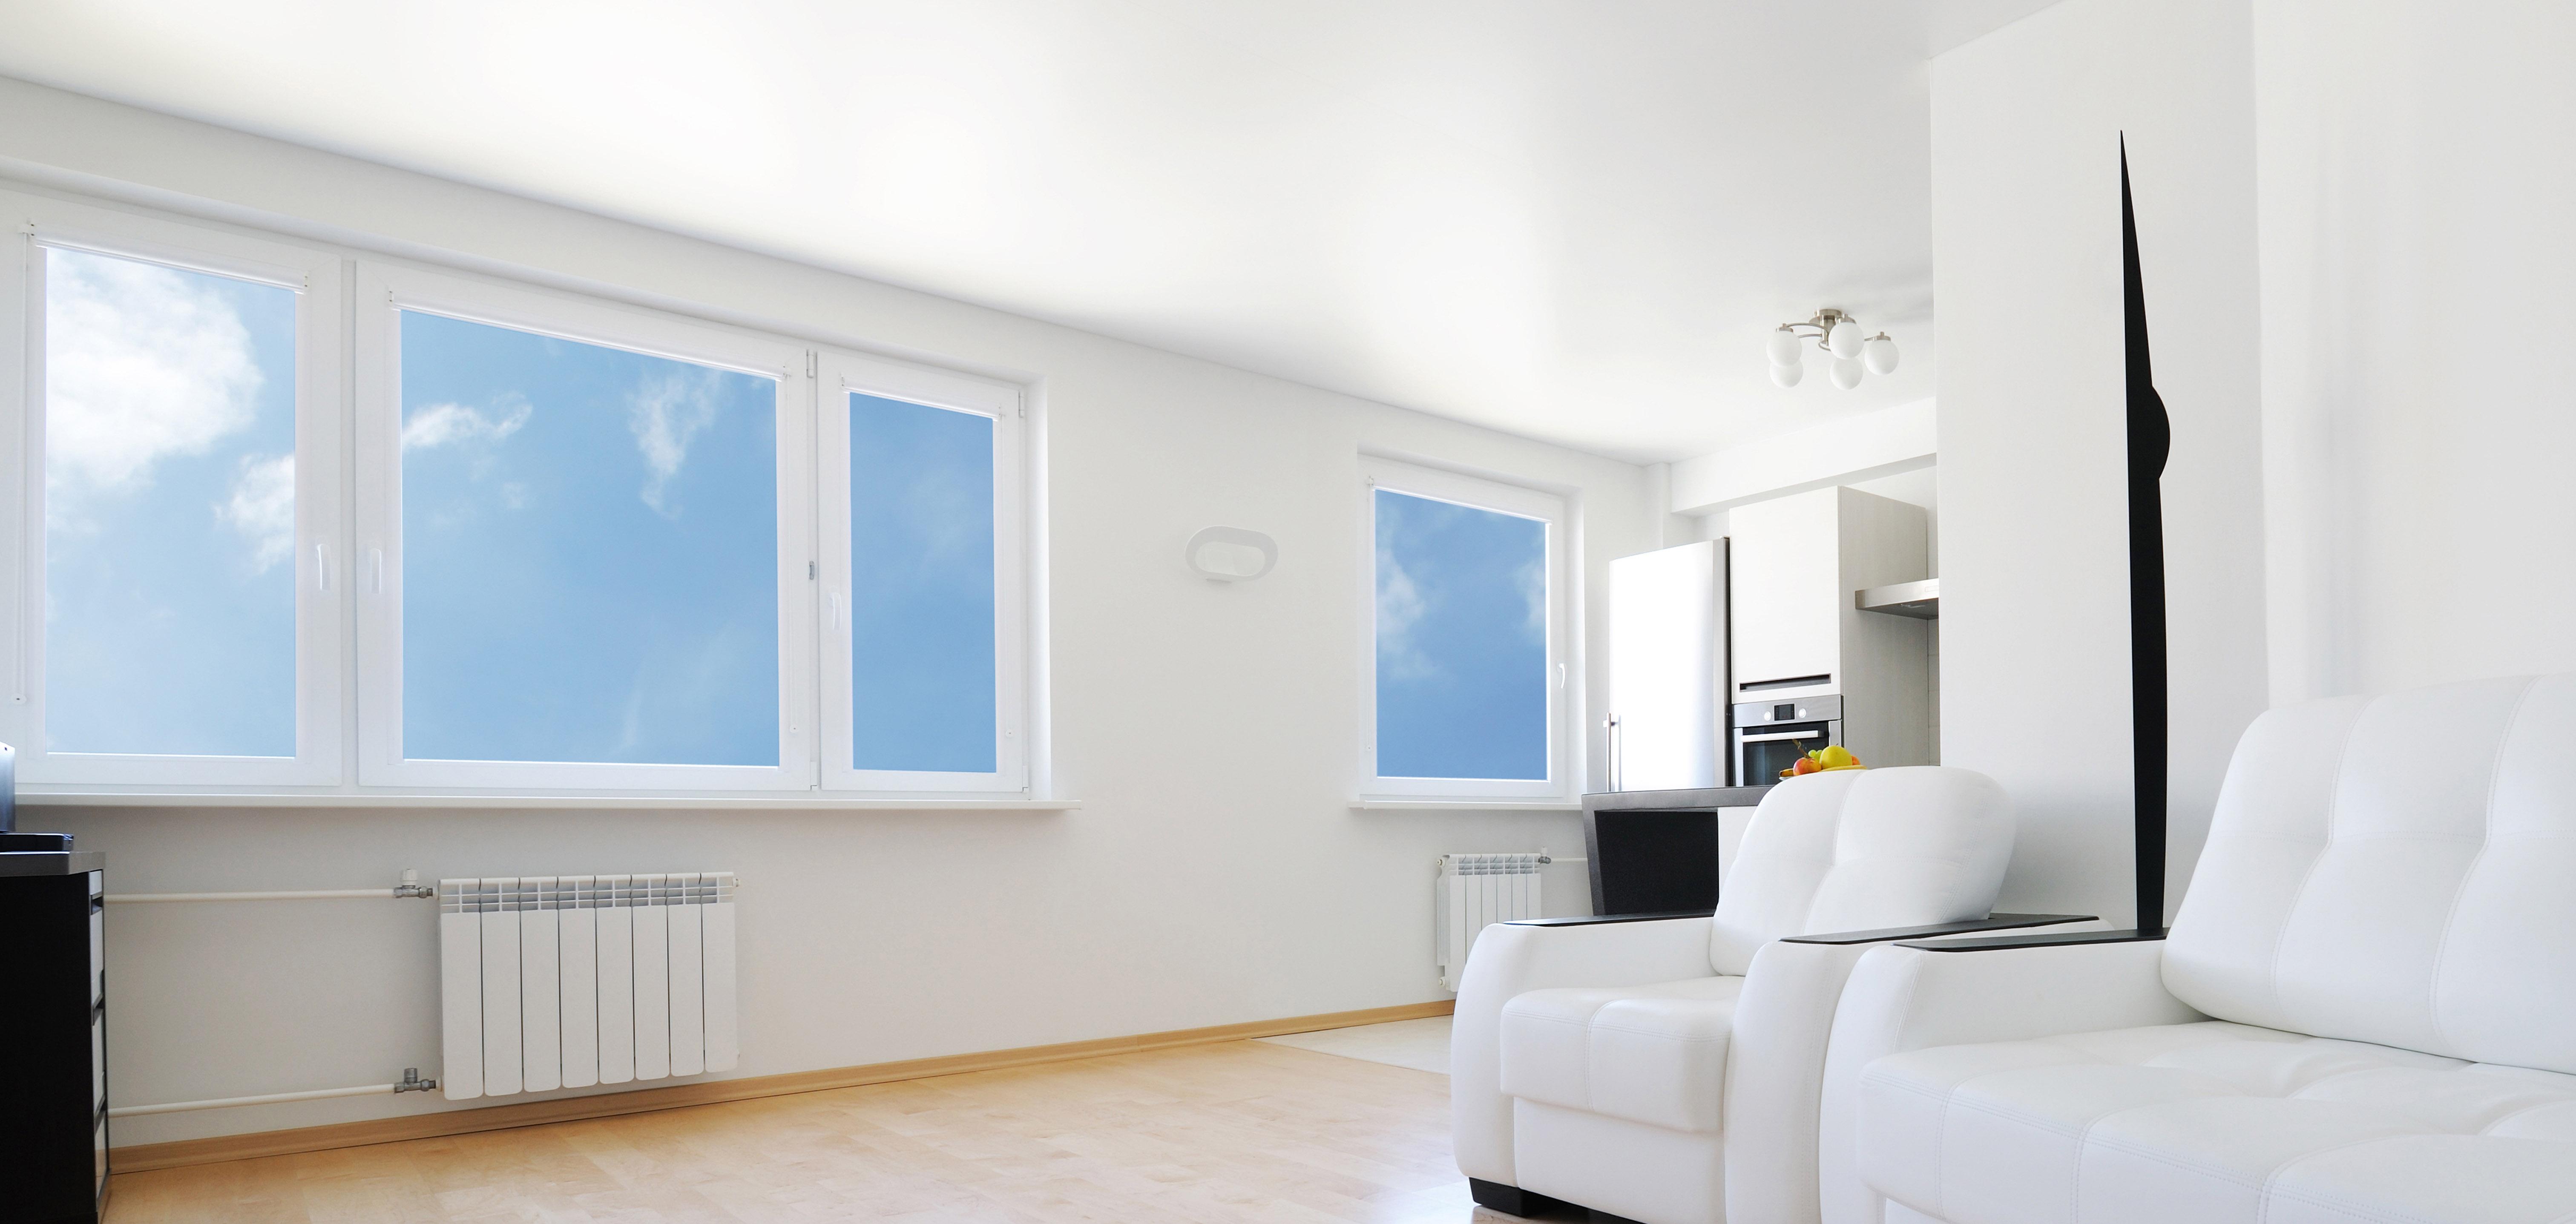 Finestre in pvc dal miglior rapporto qualit prezzo - Prezzo finestre pvc ...